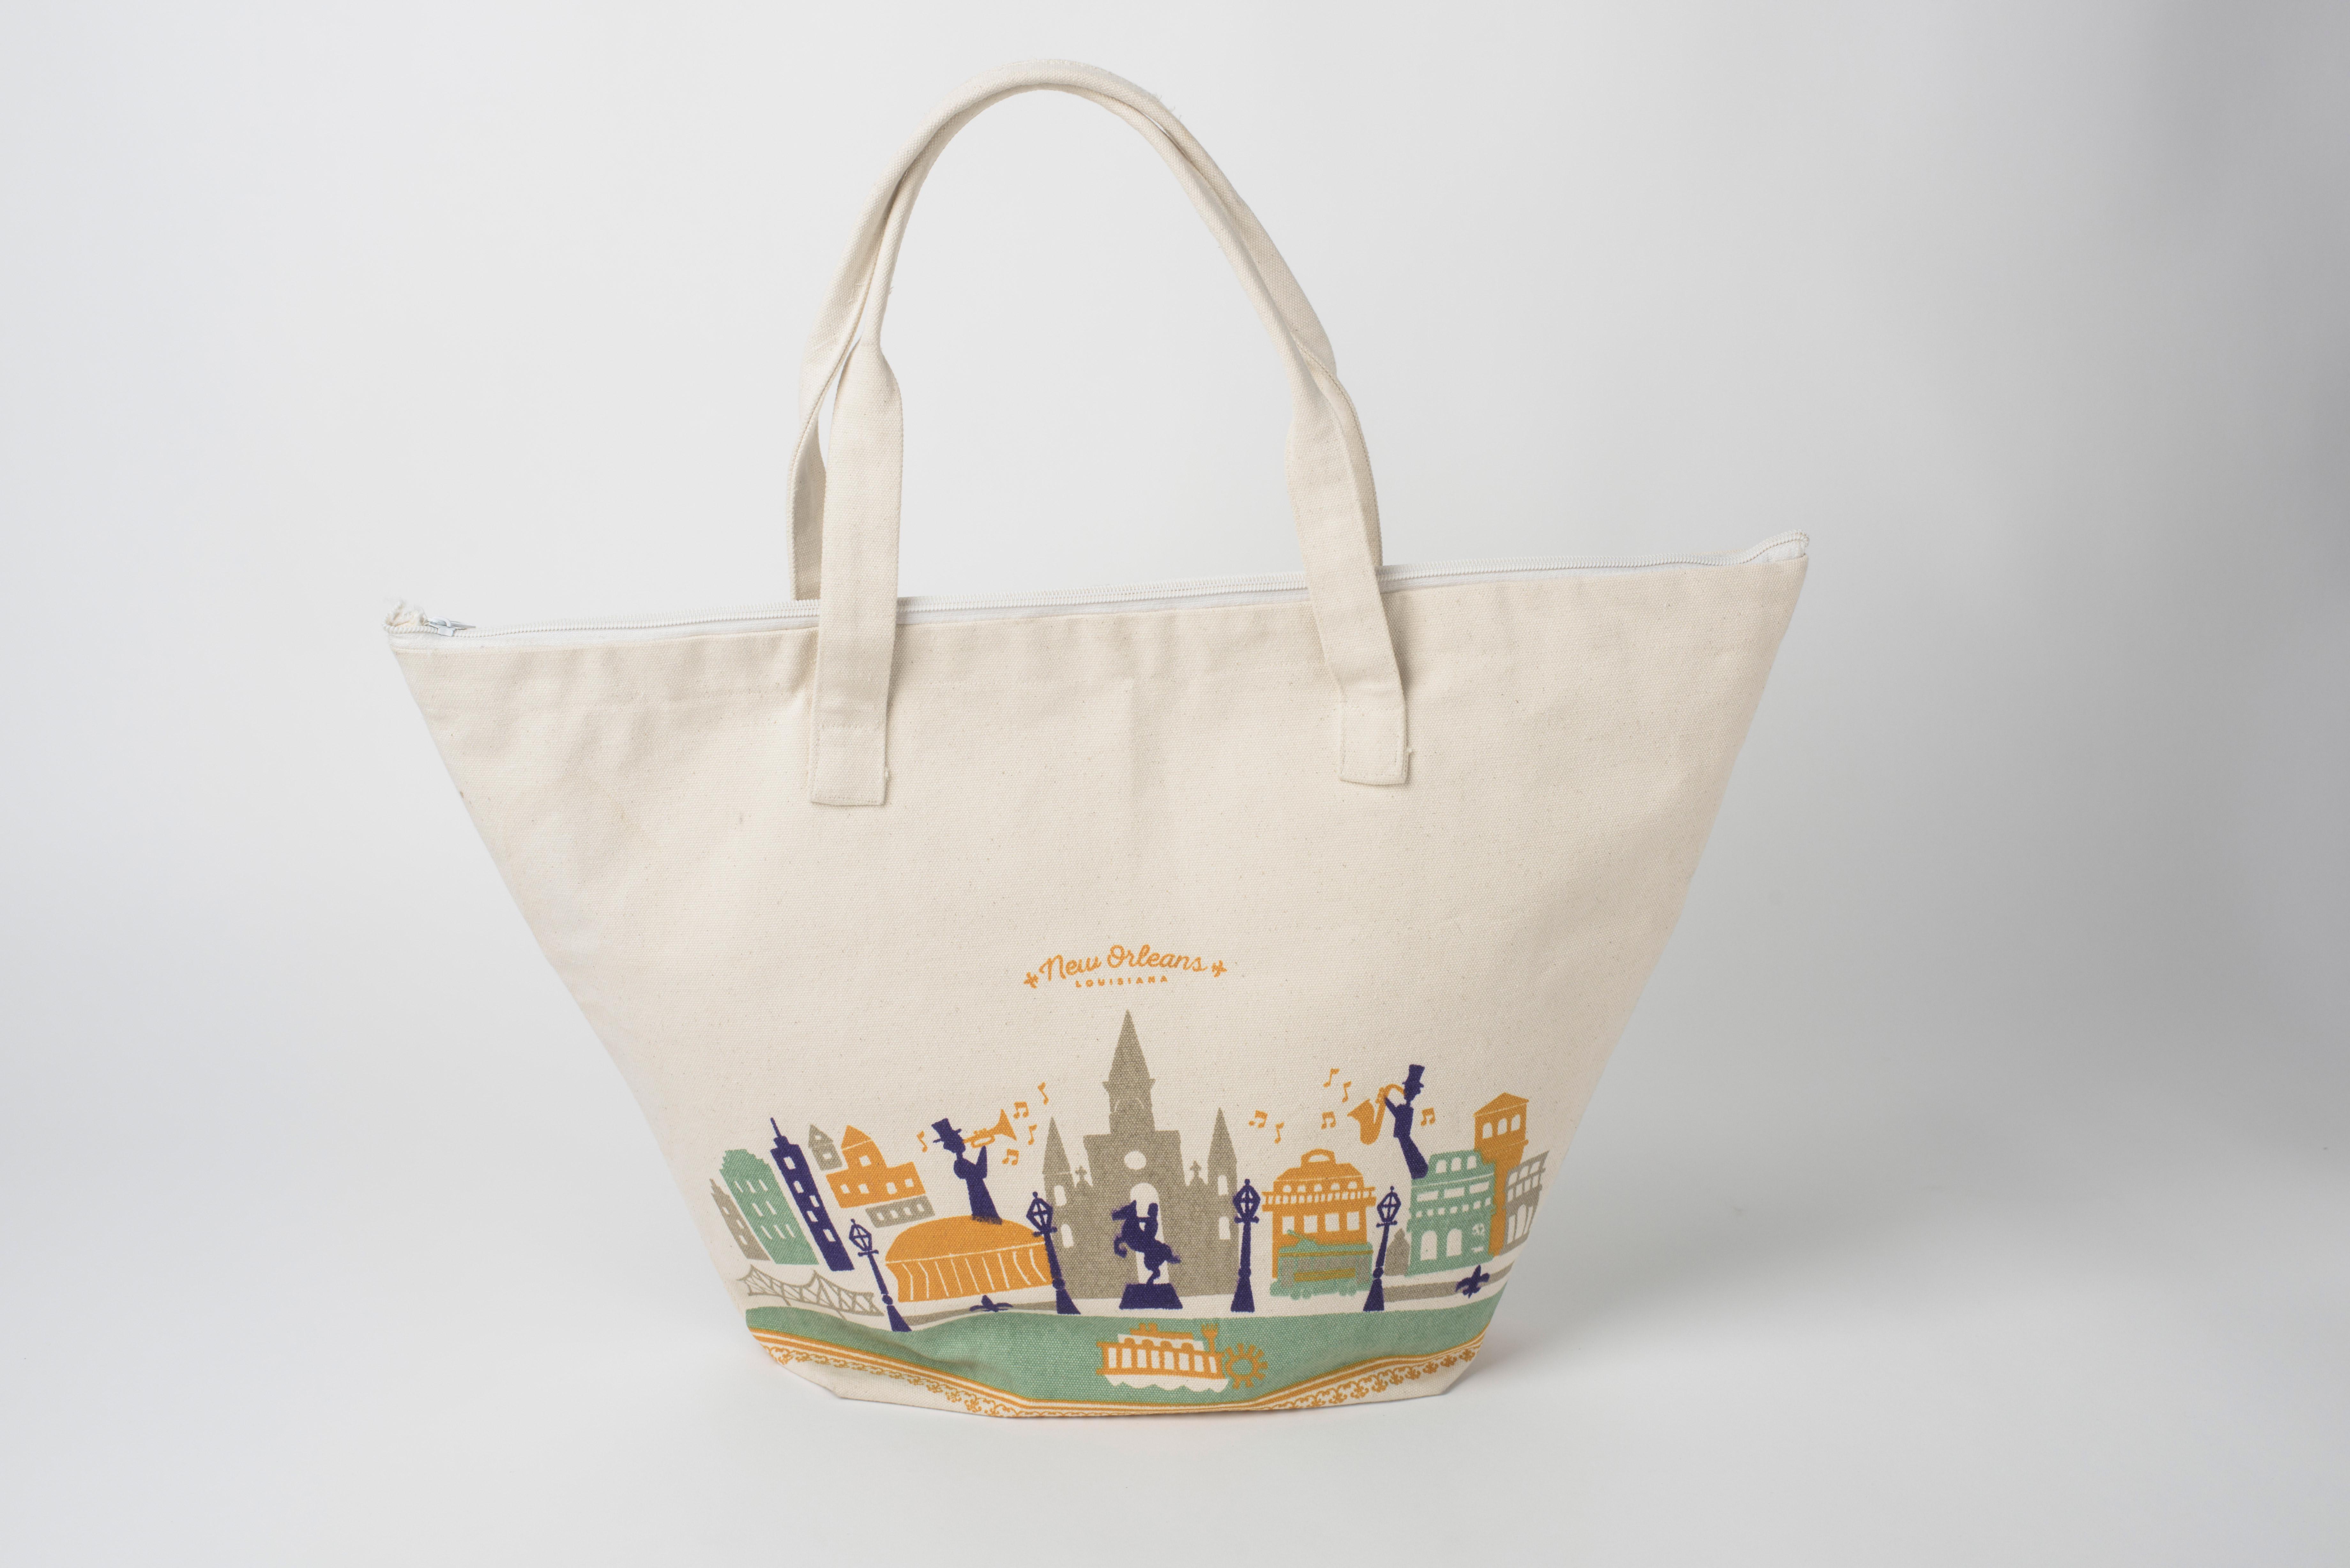 Nola Tote bag Custom New Orleans Mardi Gras Tote Bag. NOLA Party Favors New Orleans Bachelorette or Girls Weekend Tote Bag